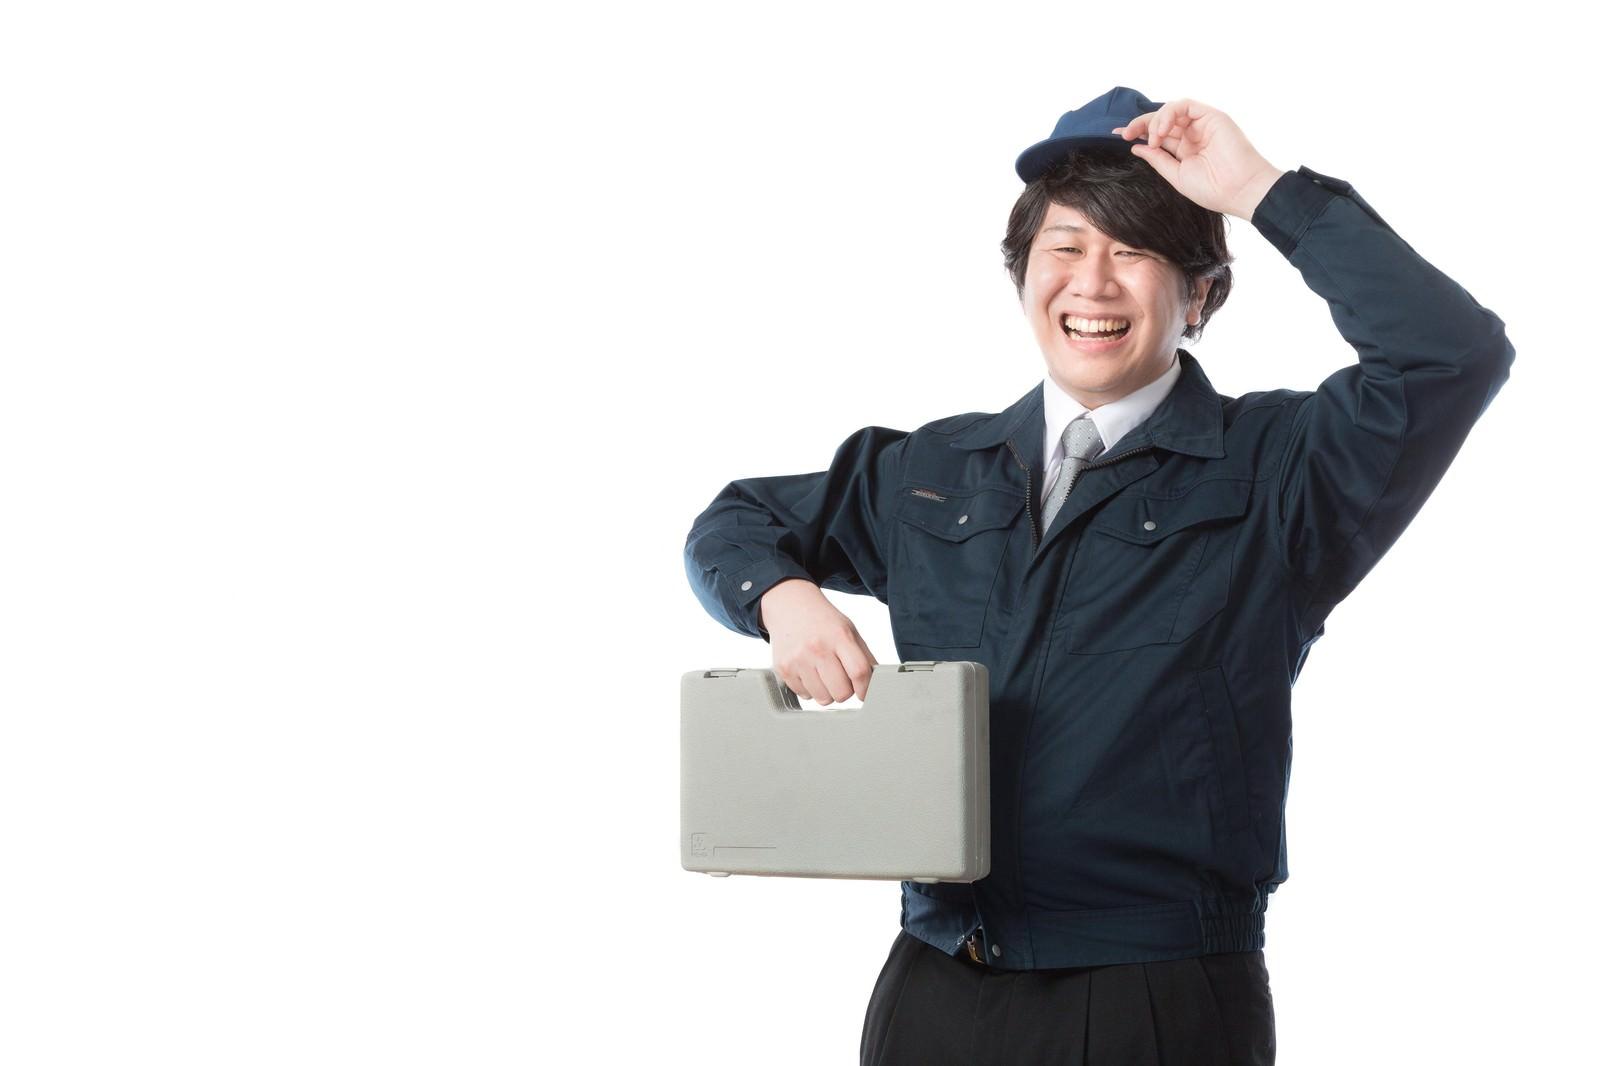 「オフィス機器のトラブルを解決するサービスエンジニア」の写真[モデル:あまのじゃく]